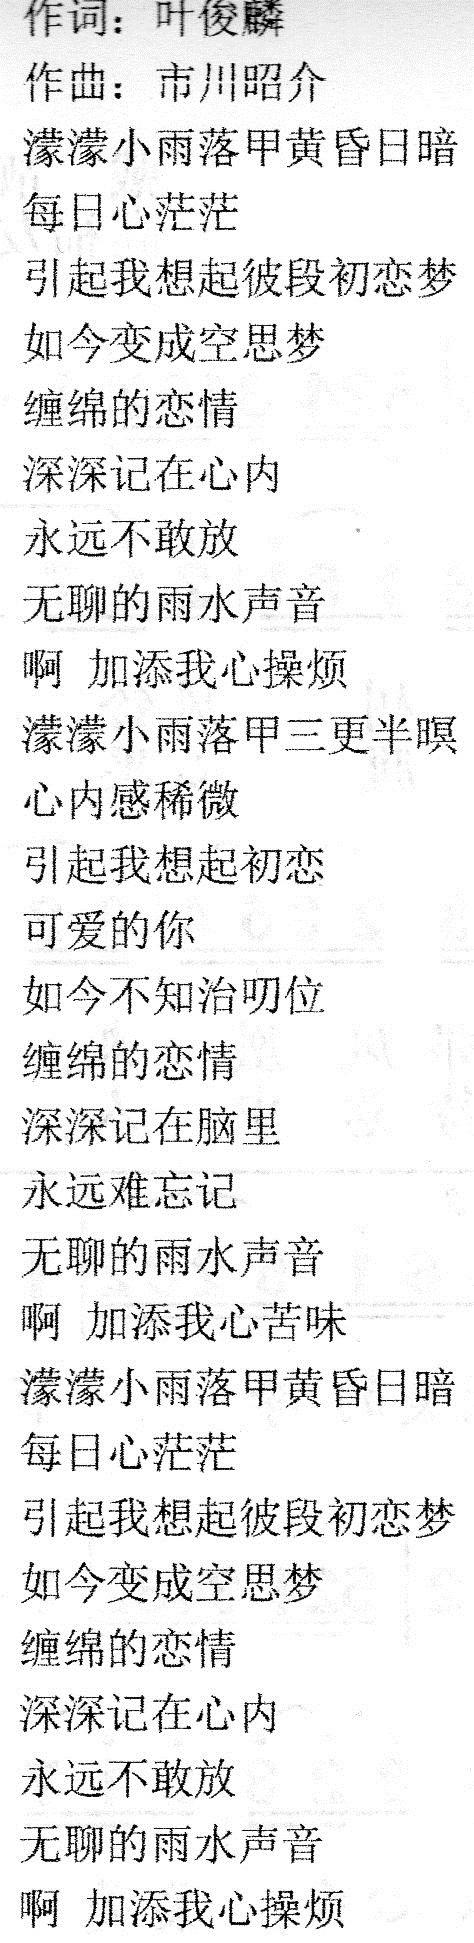 夜雨情简谱_韩宝仪夜雨思情简谱